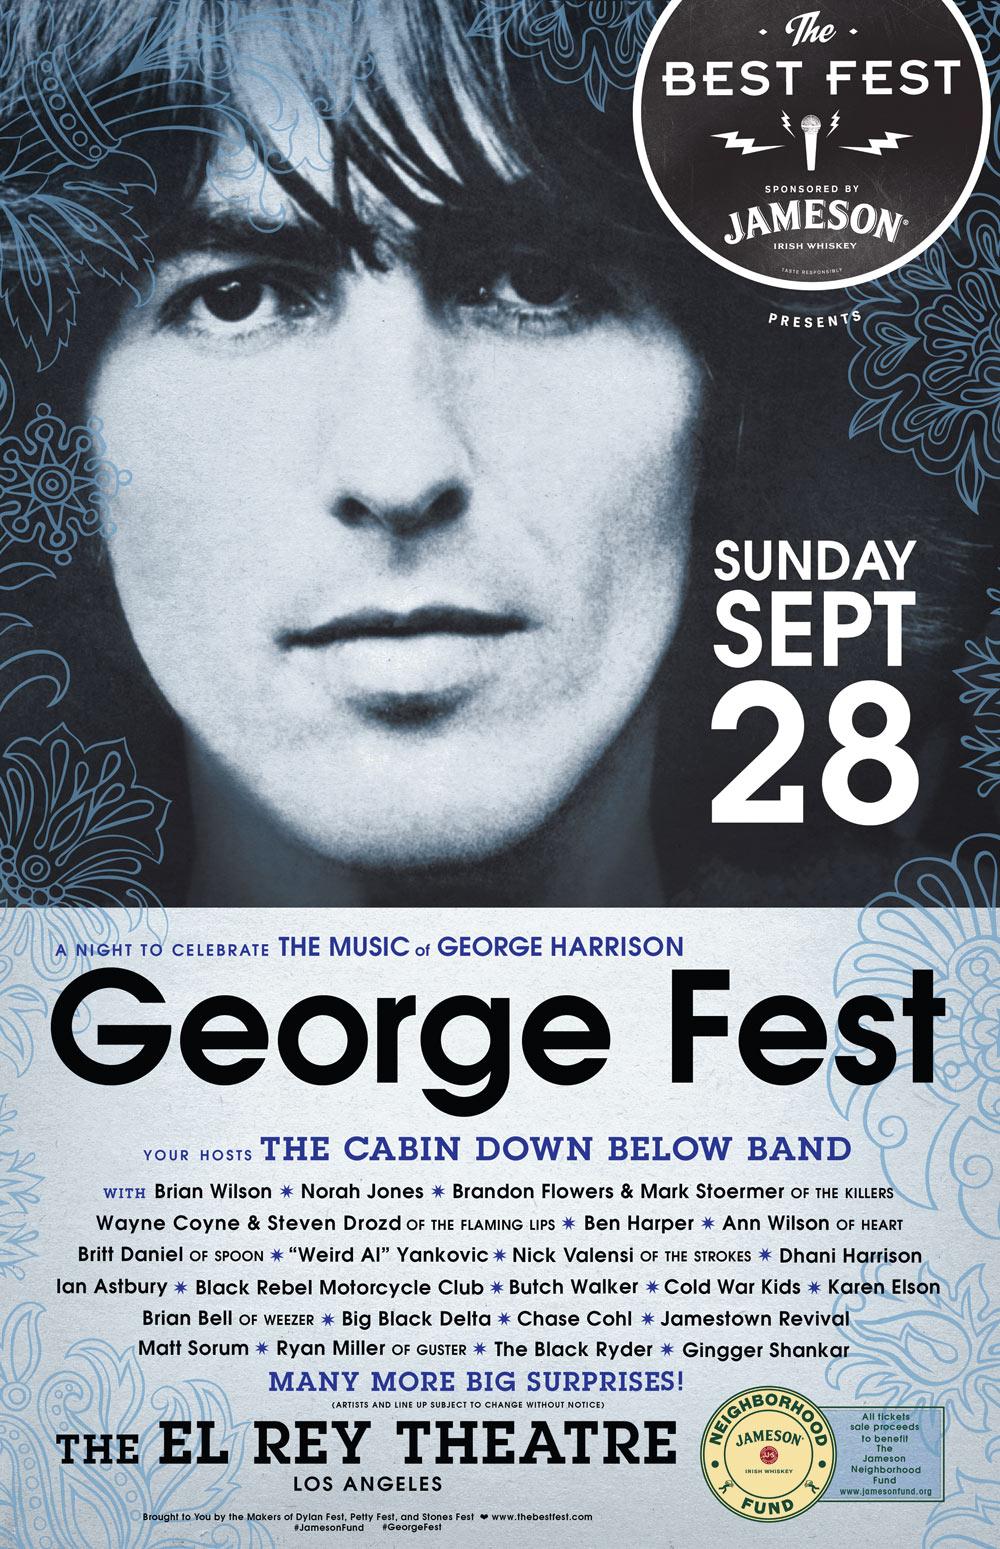 Miembros de The Strokes, Weezer, BRMC y muchos más realizarán concierto de homenaje a George Harrison